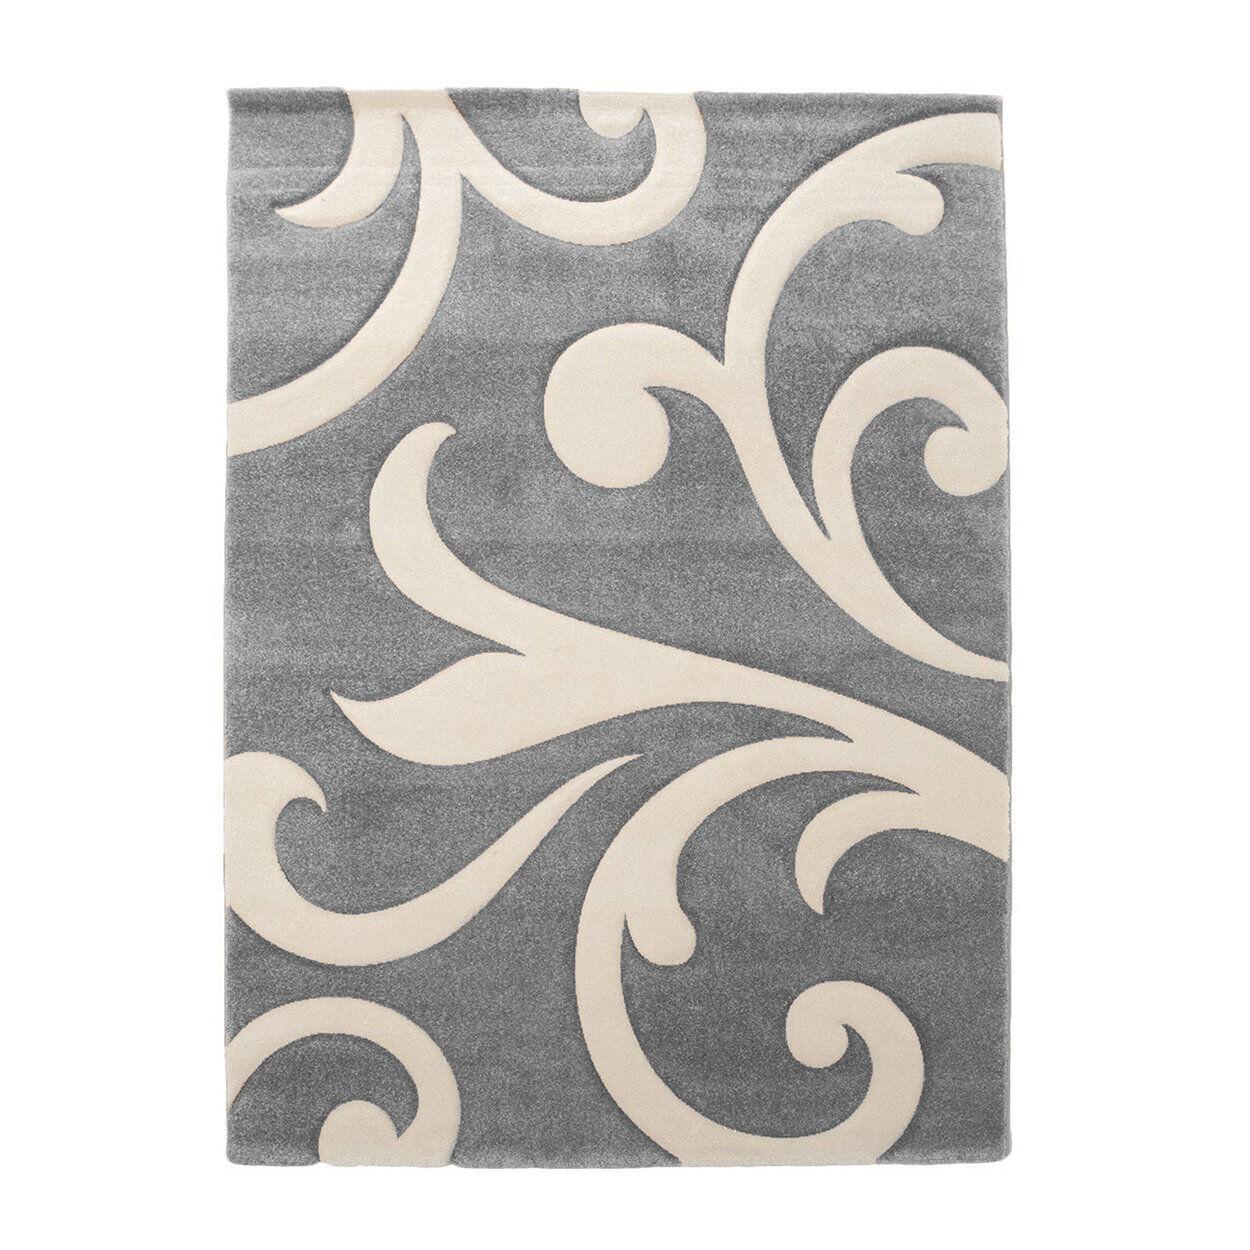 Office Design by Tomasucci Tappeto Damasko Grey 140x190, multicolore